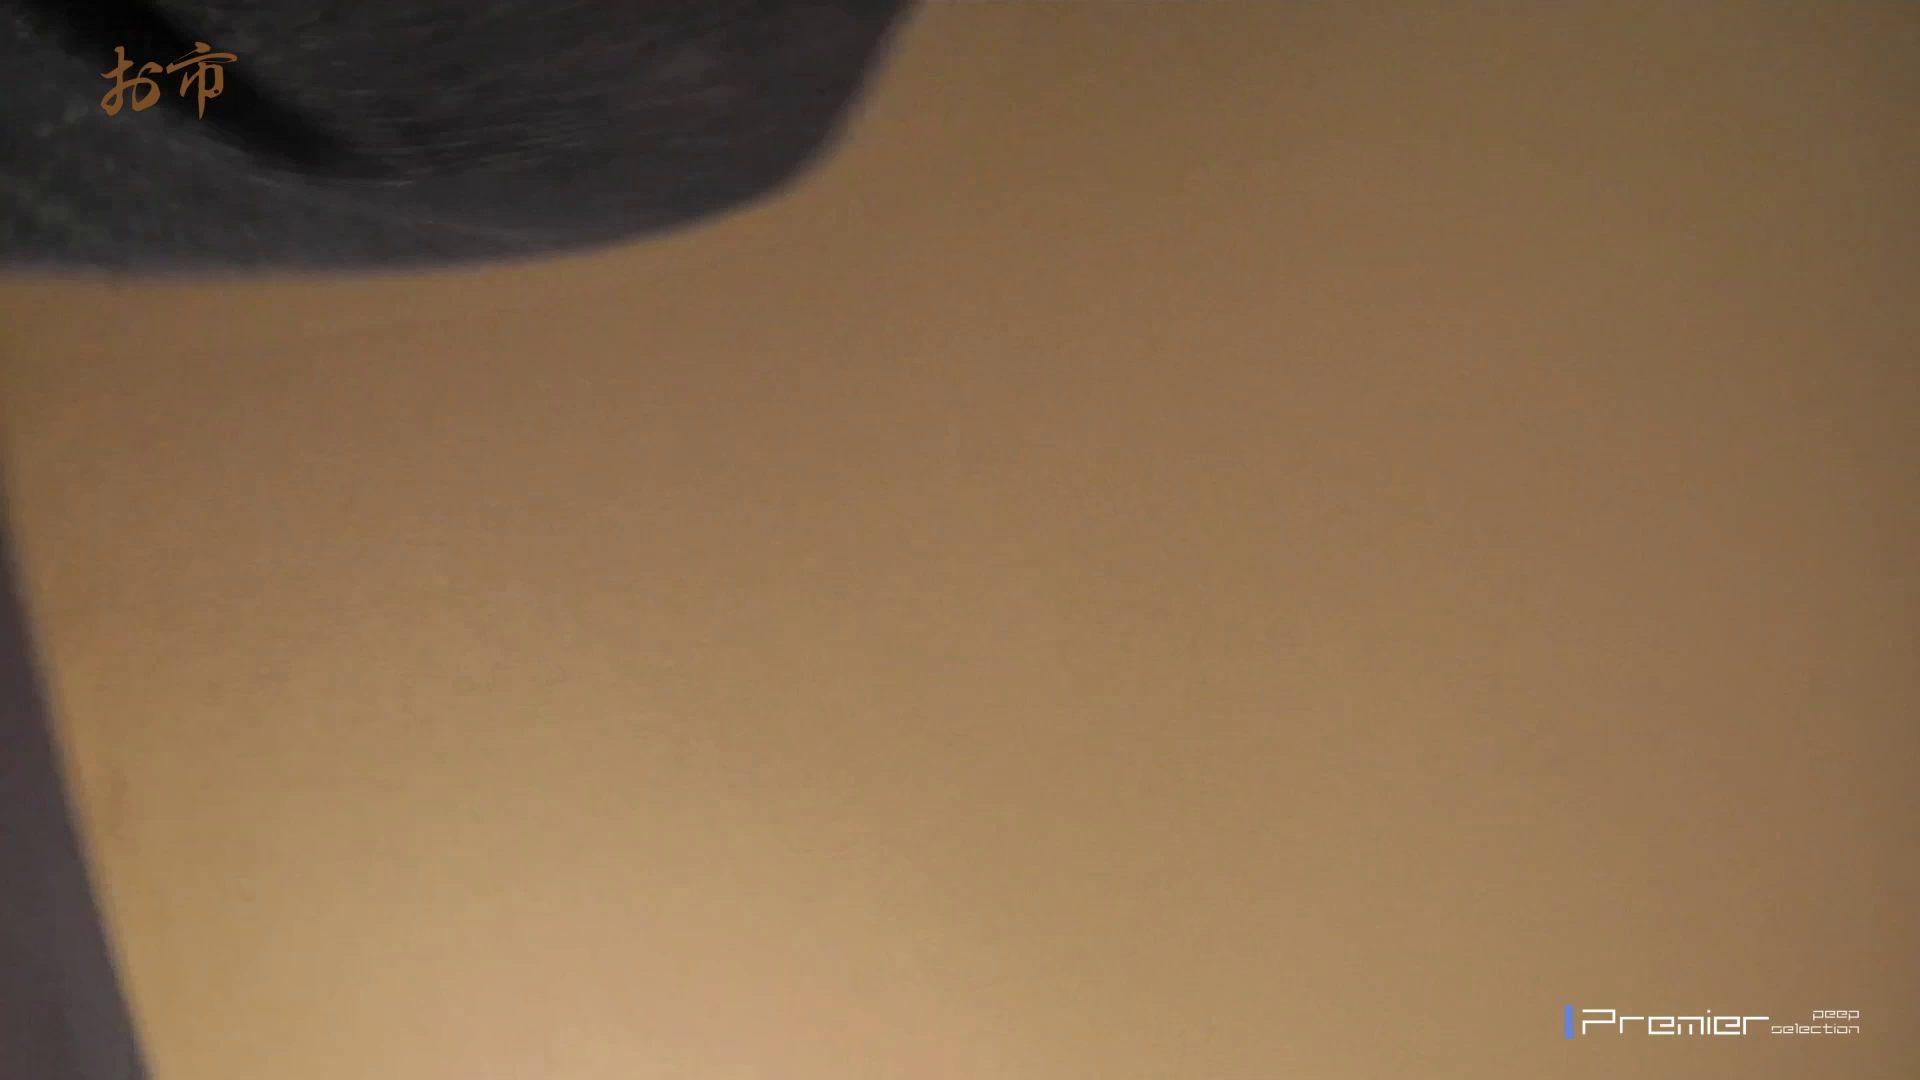 潜入!!台湾名門女学院 Vol.14 ラストコンテンツ!! 盗撮で悶絶 ワレメ無修正動画無料 109画像 24